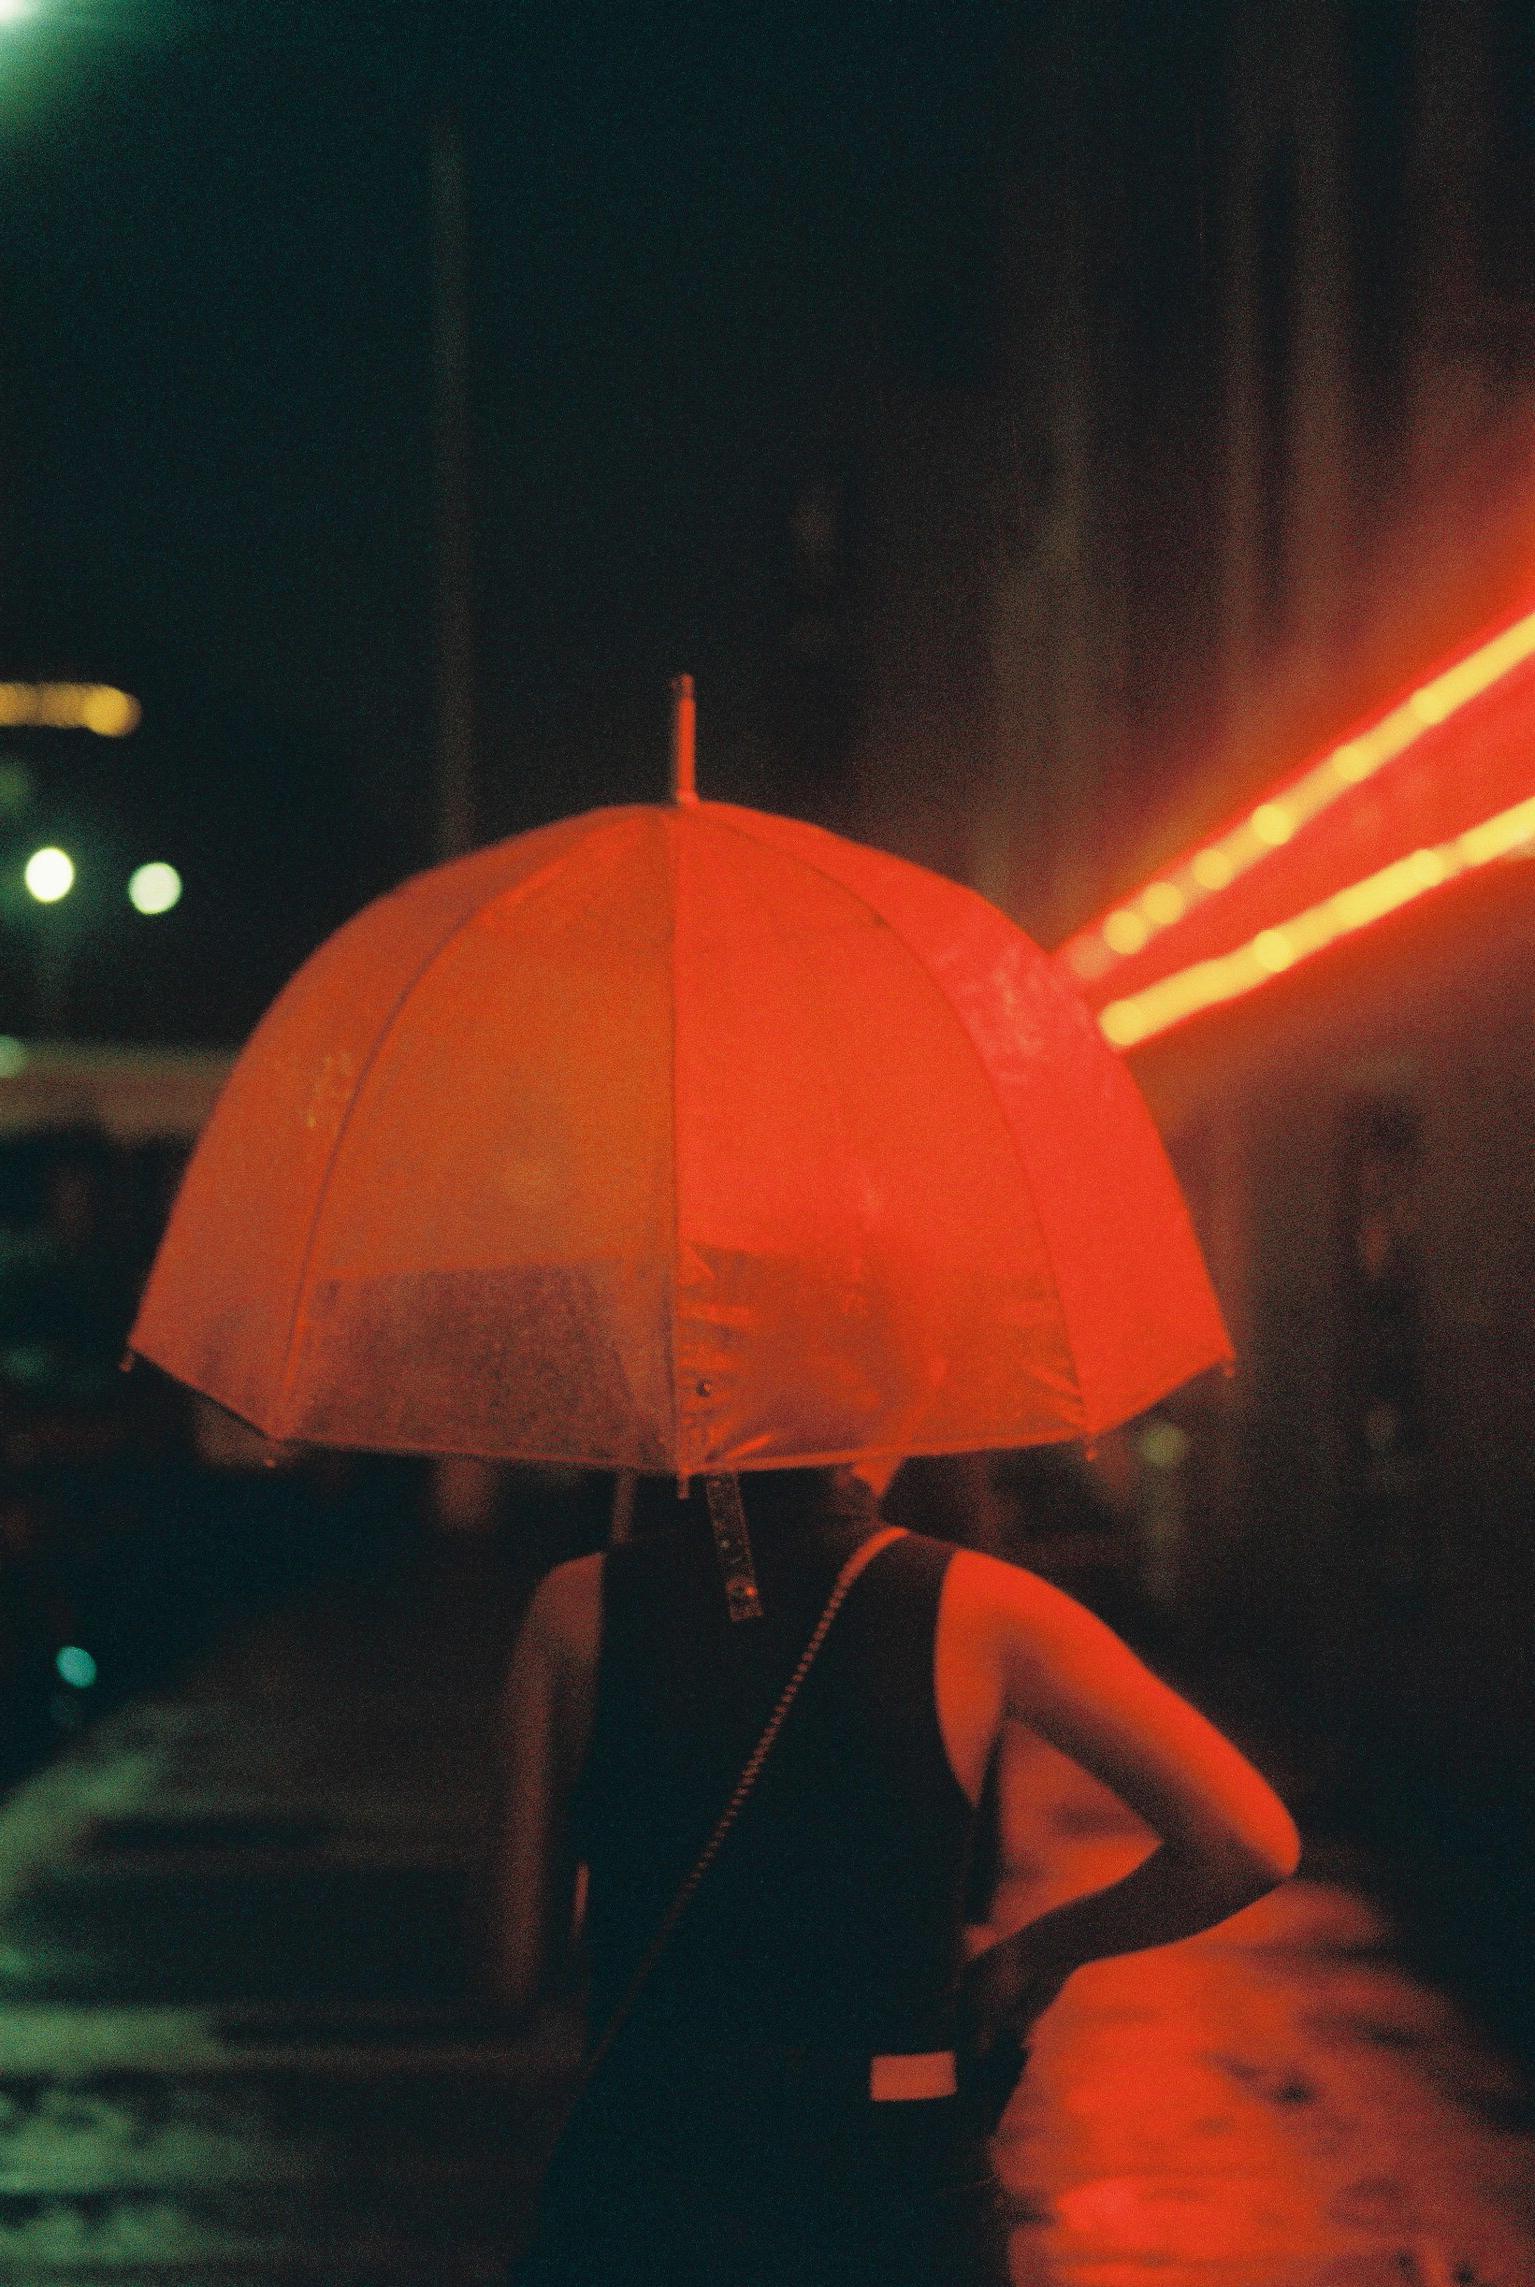 an umbrella lit up by a red neon light